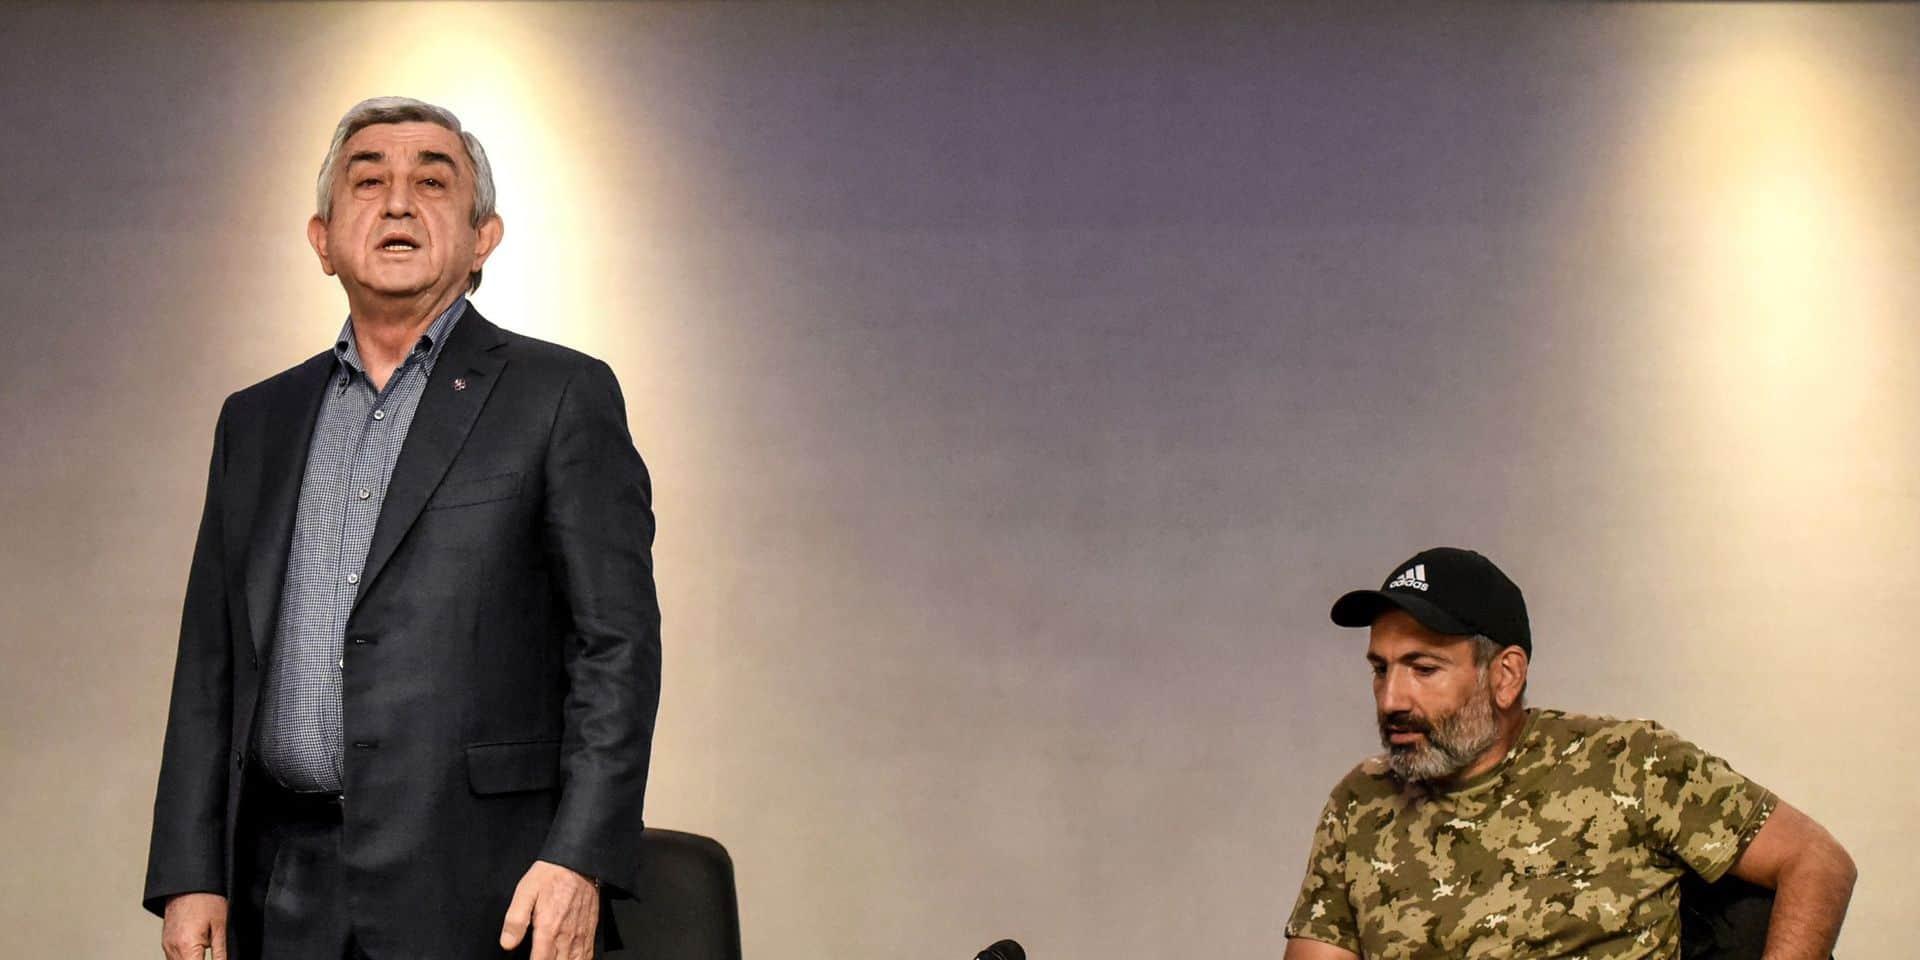 Le président arménien Serzh Sarkissian (gauche) lors d'une conférence de presse en 2015.